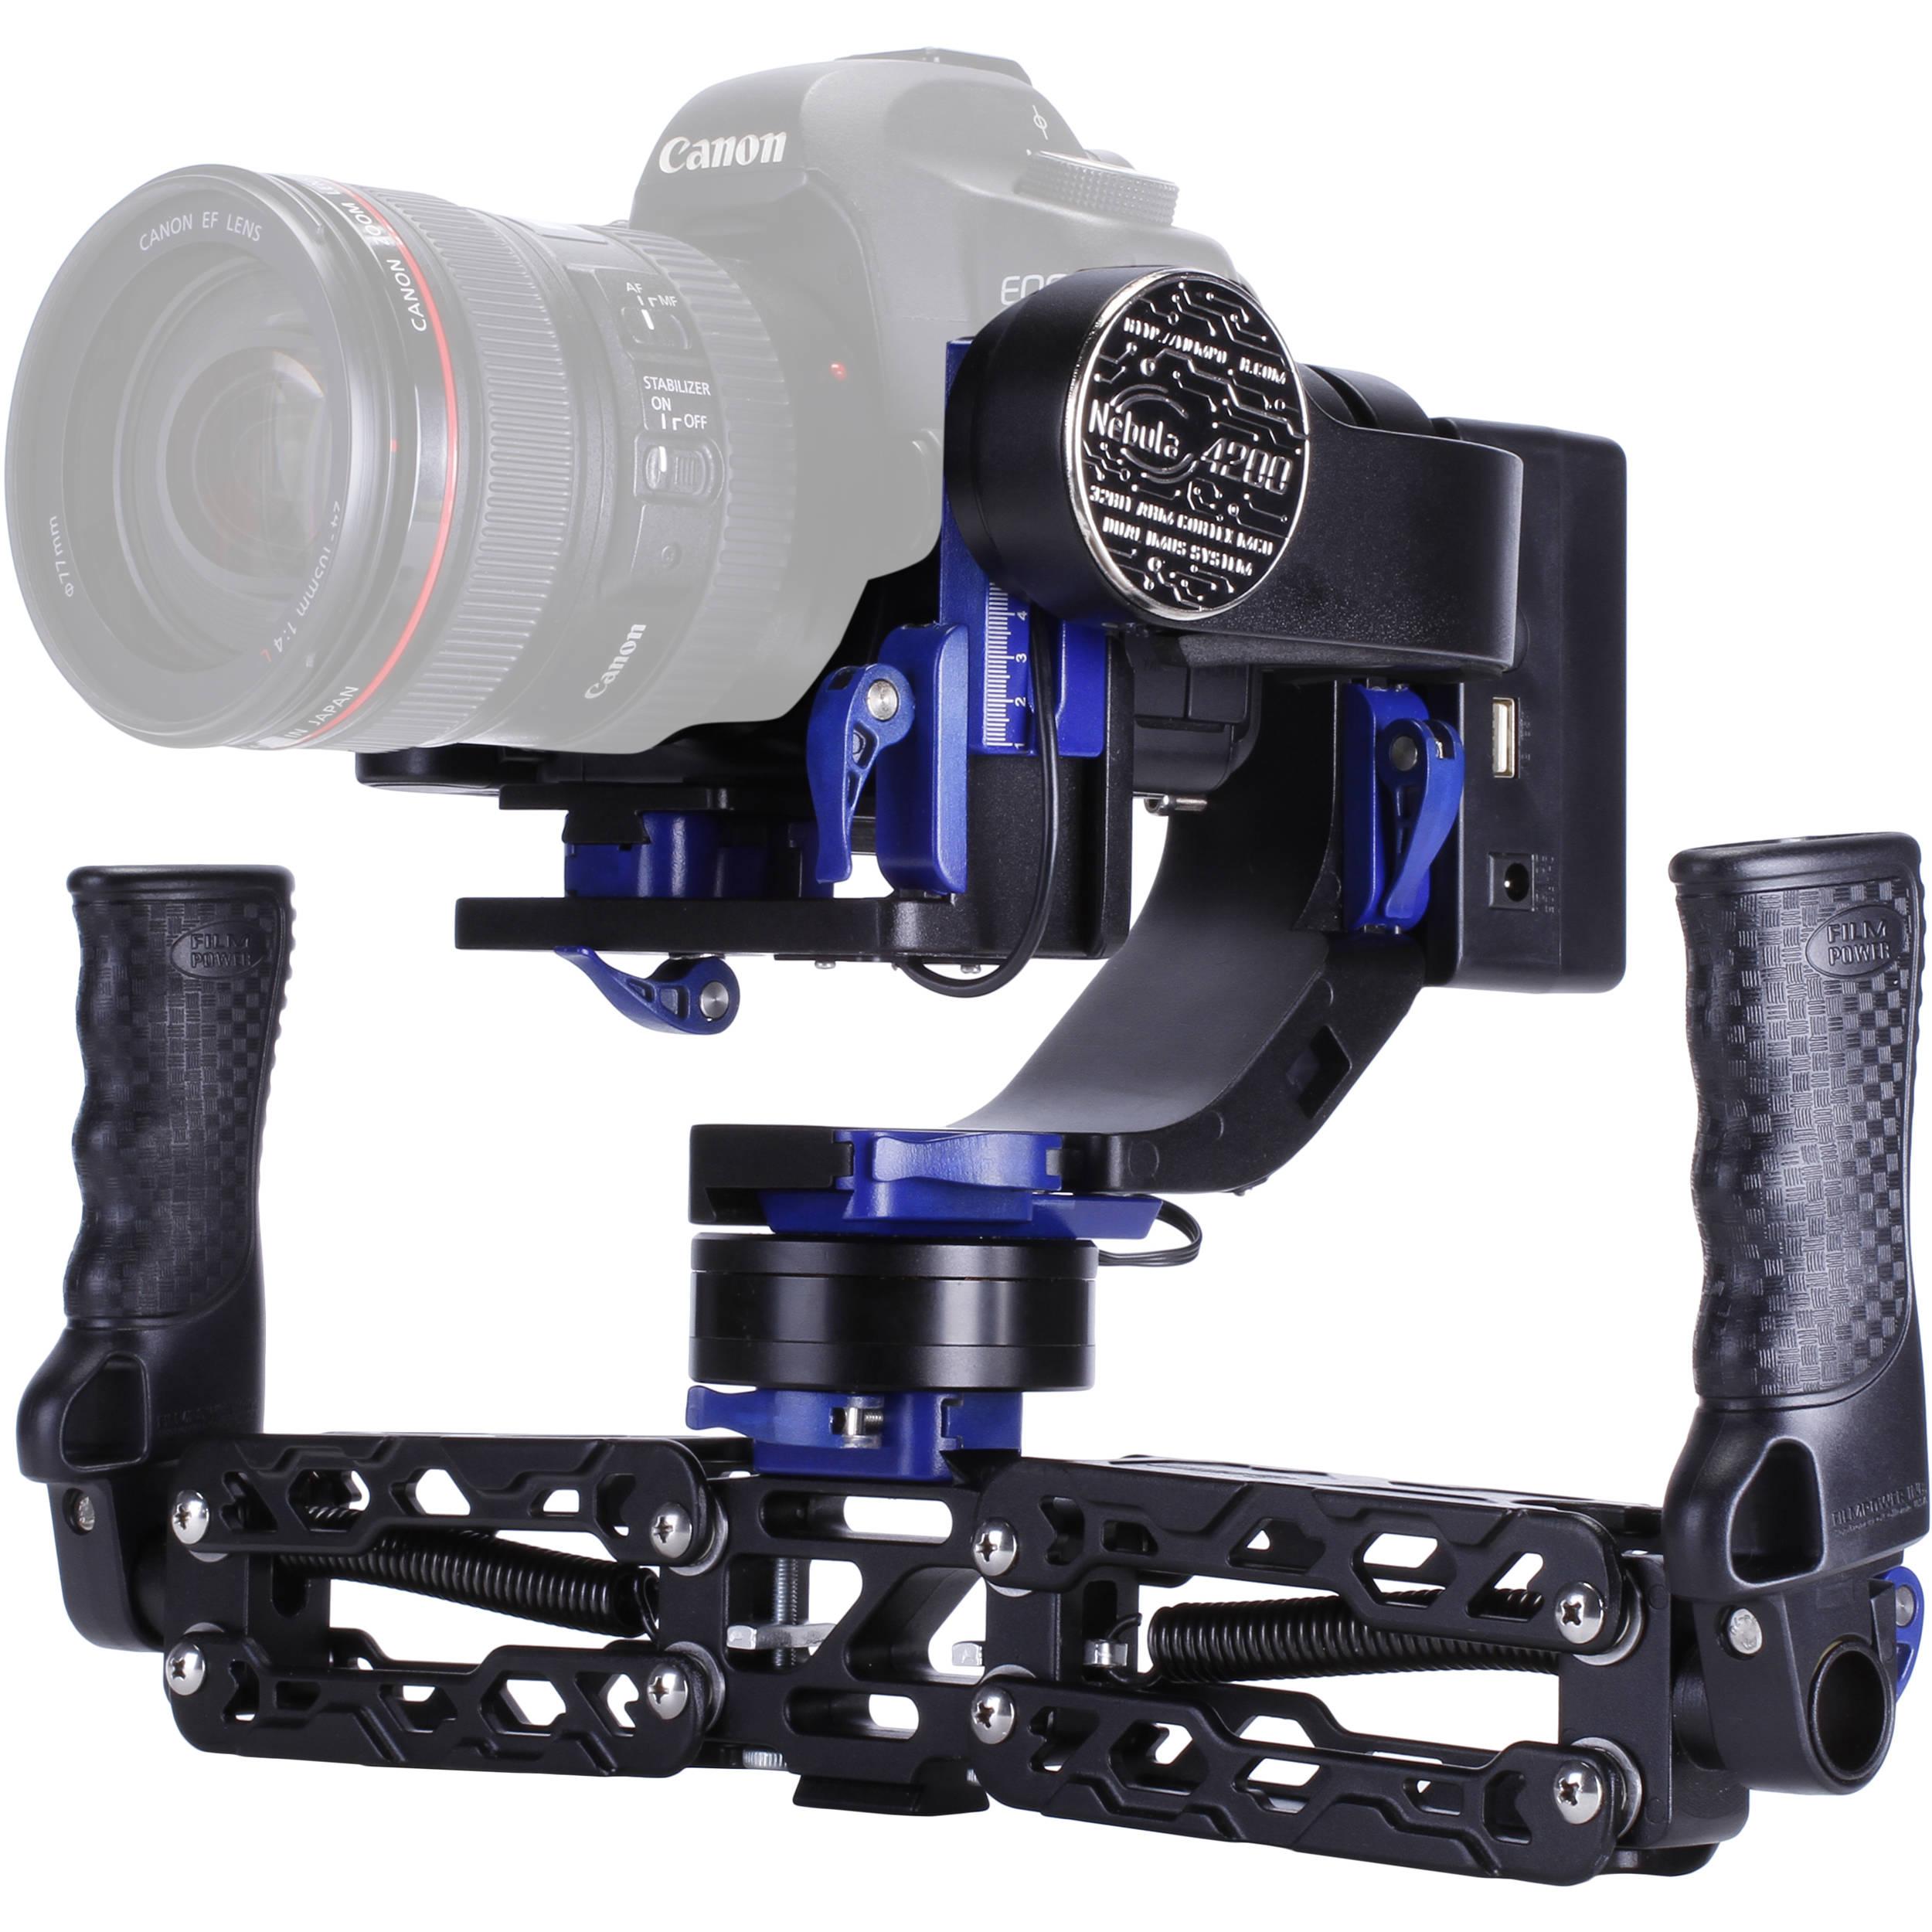 Nebula 4200 5-Axis Gyroscope Stabilizer